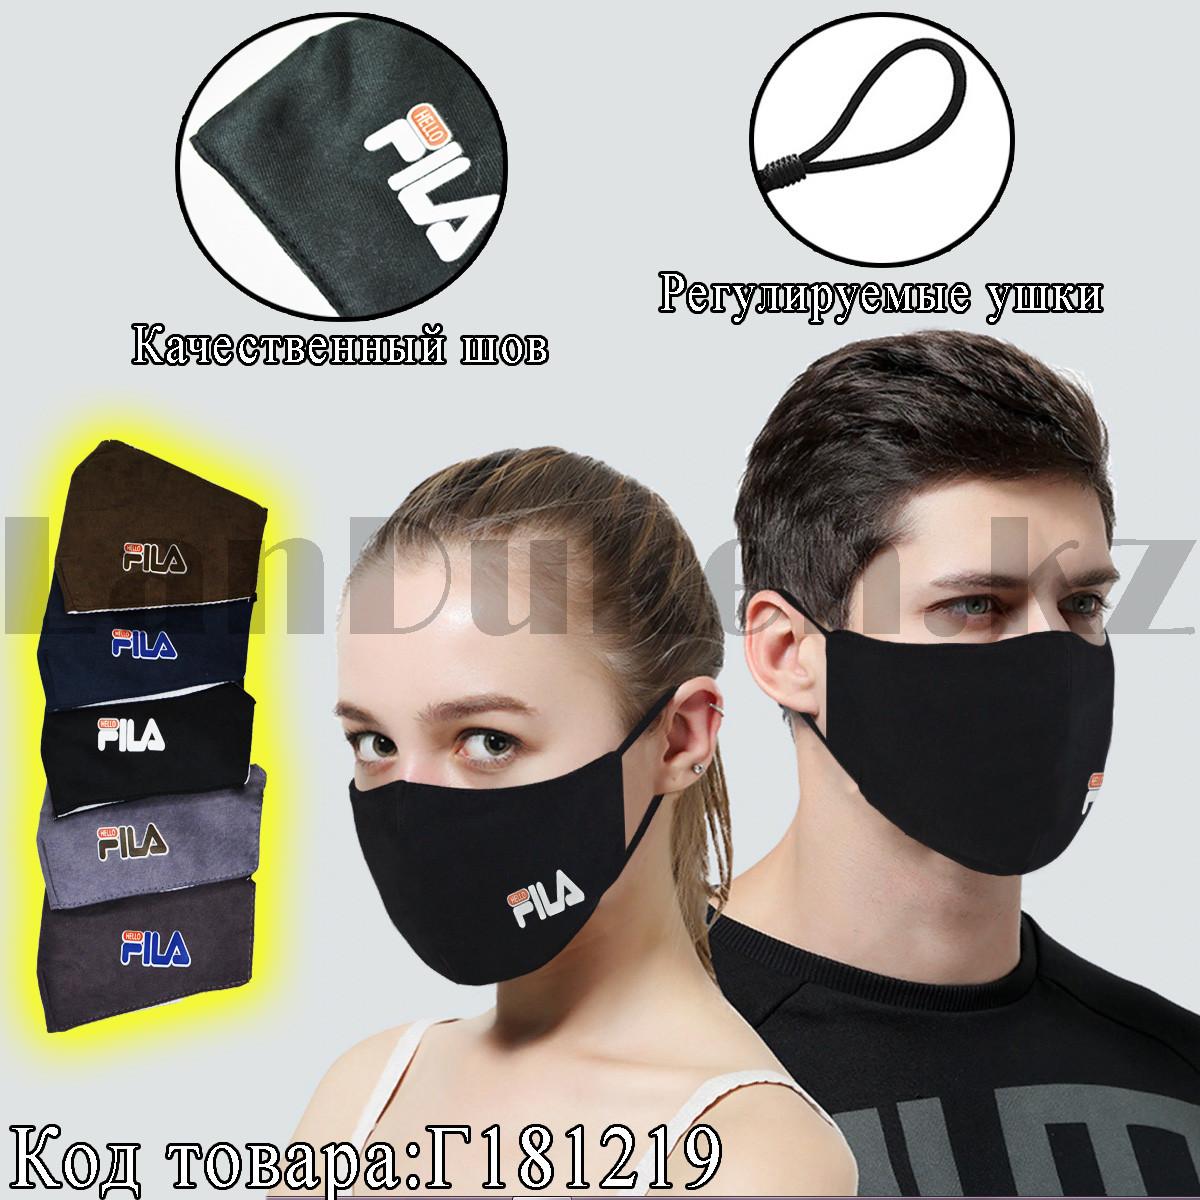 Многоразовая защитная маска спортивная с резинкой для регулировки длины Fashion Mask Fila в ассортименте - фото 1